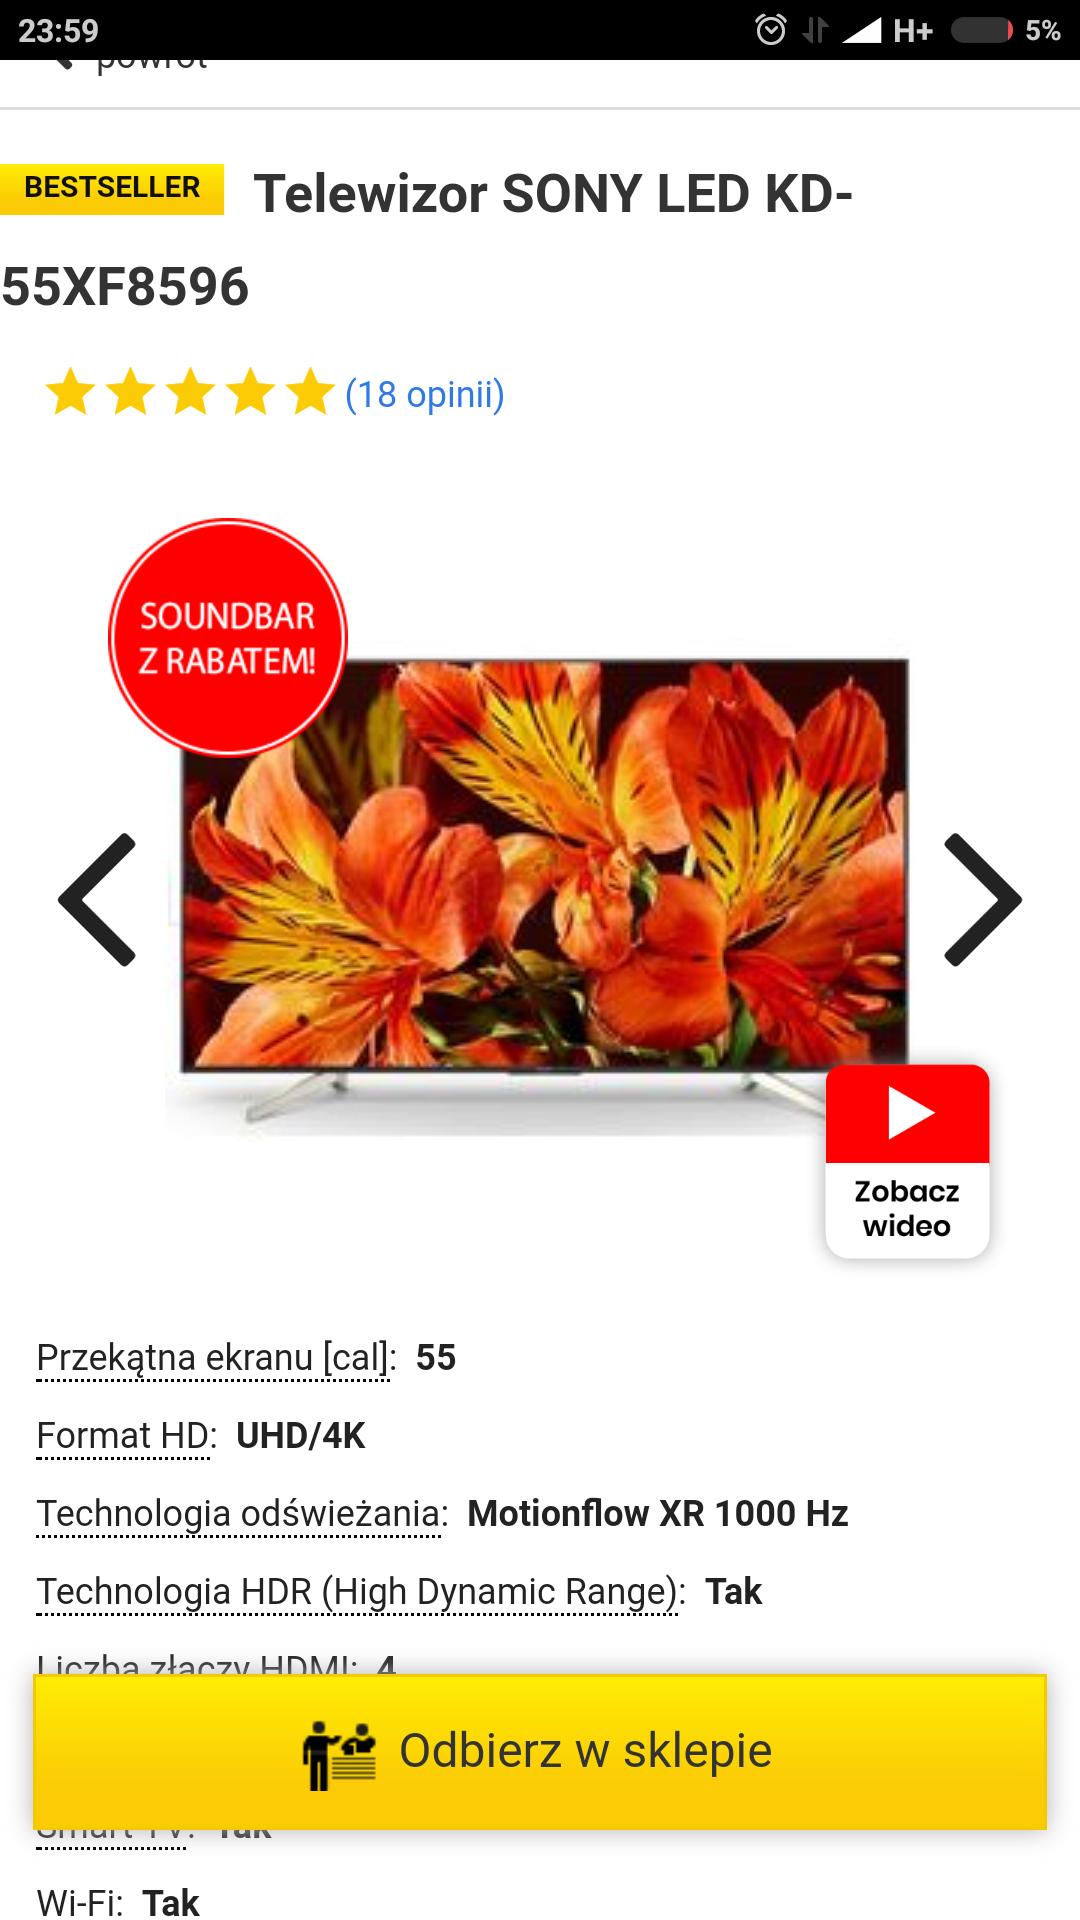 Telewizor Sony 55xf8596 w świetnej cenie!